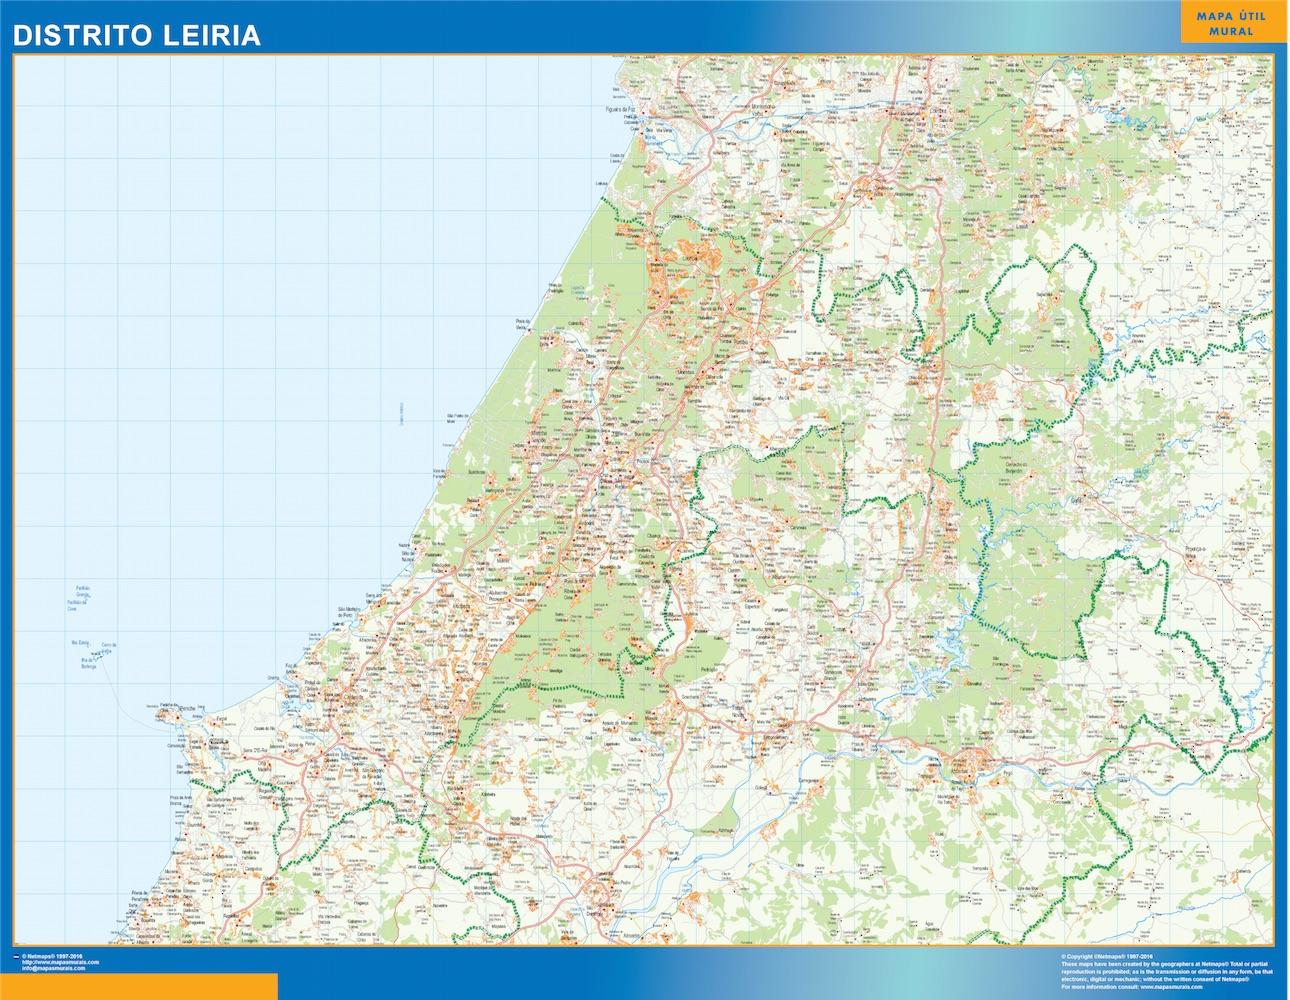 Mapa Distrito Leiria